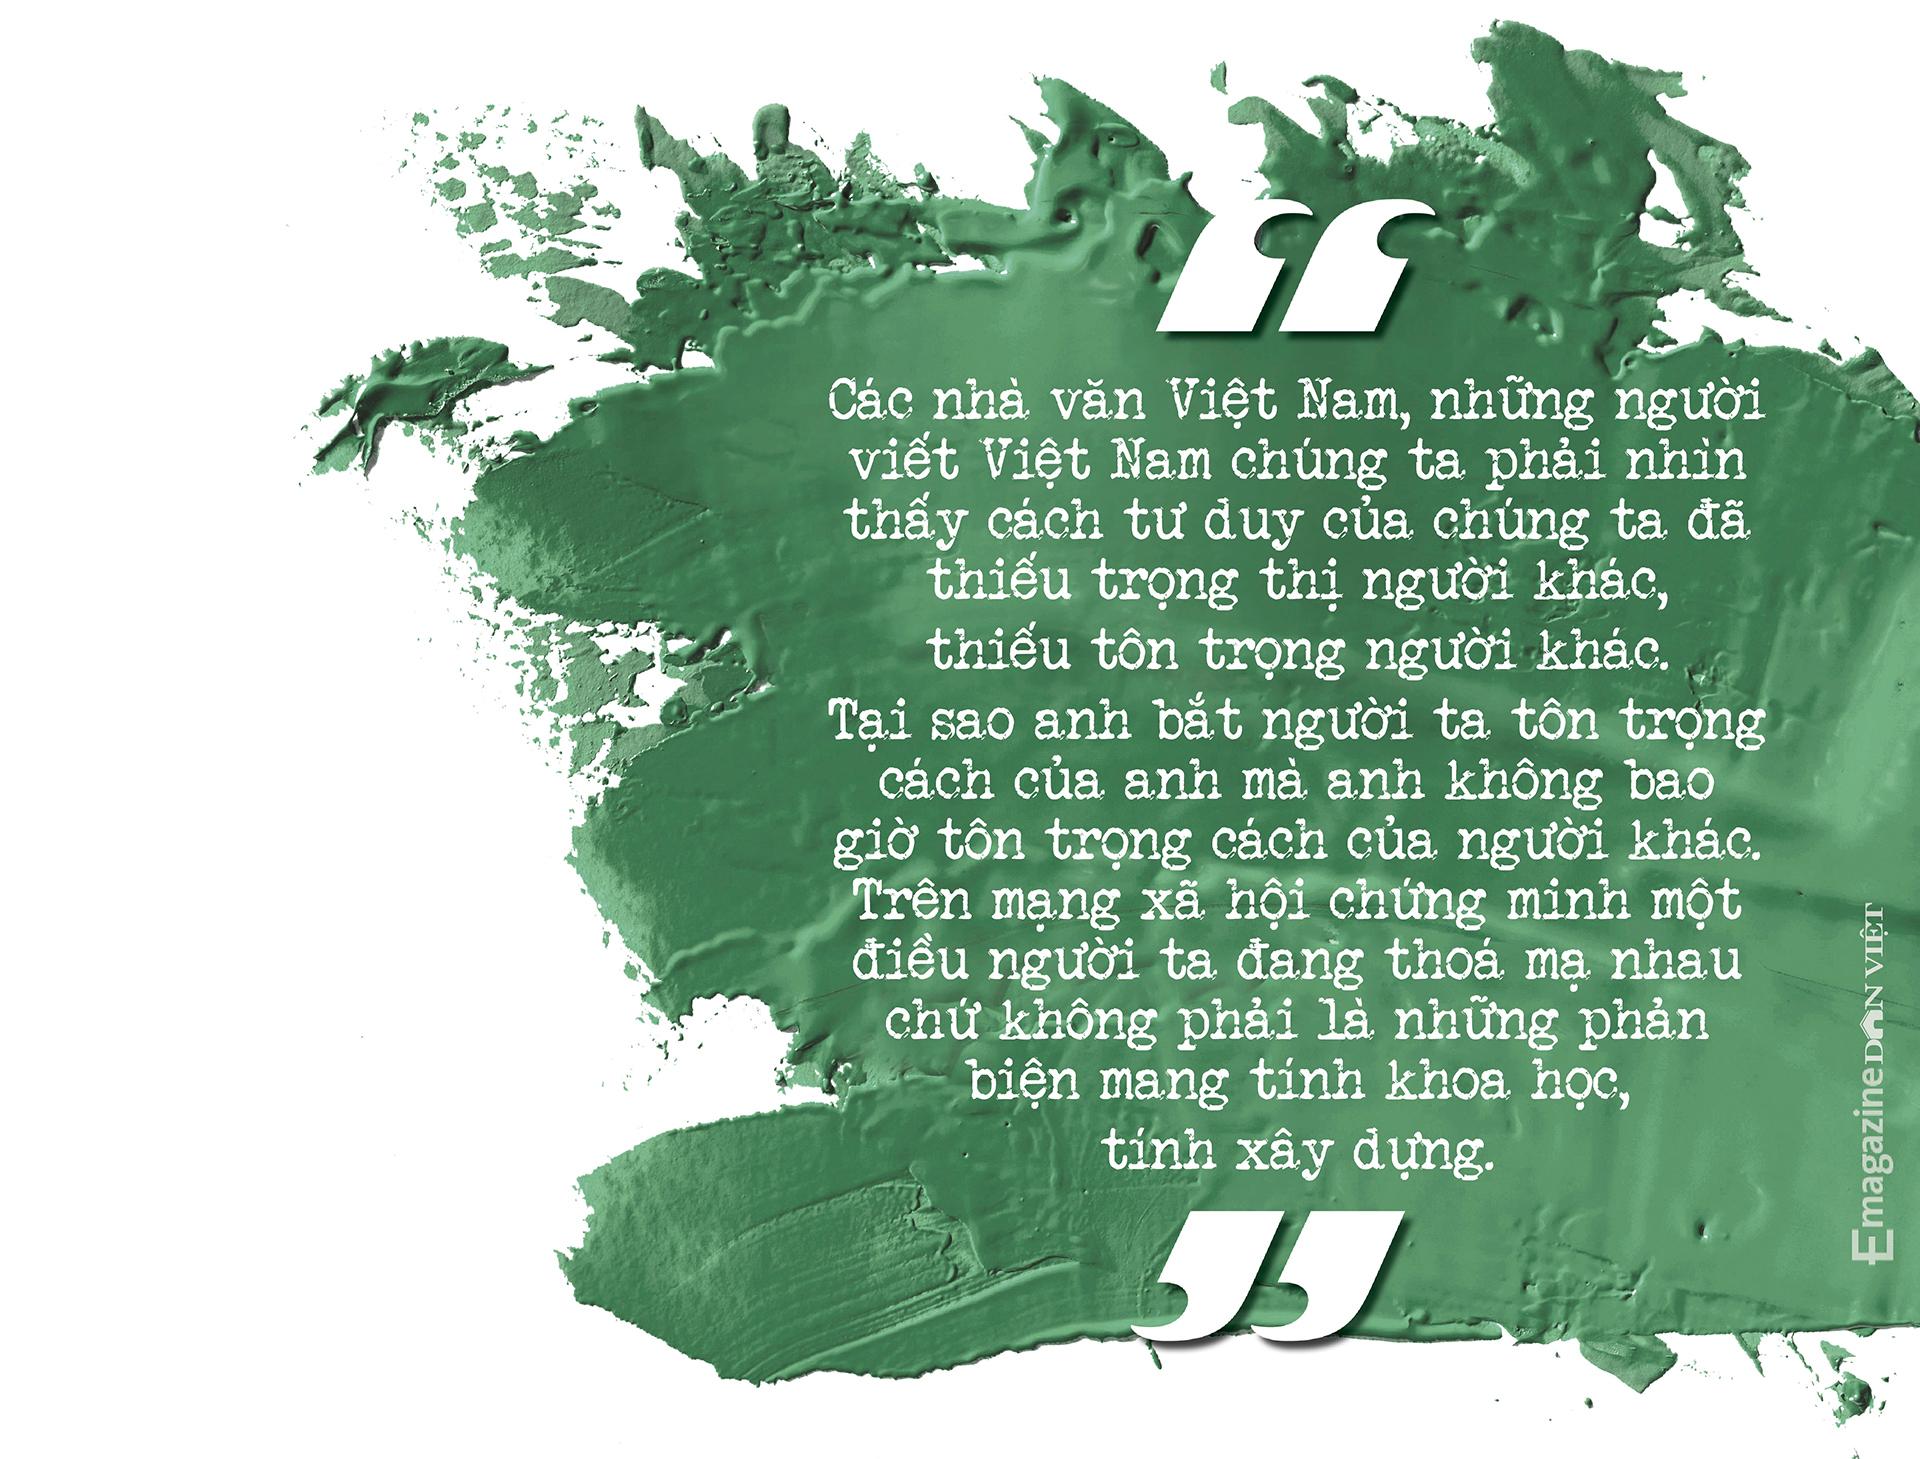 Nhà văn Nguyễn Quang Thiều: Sự đập cánh của đôi cánh tự do khác đôi chân của kẻ tuỳ tiện - Ảnh 16.